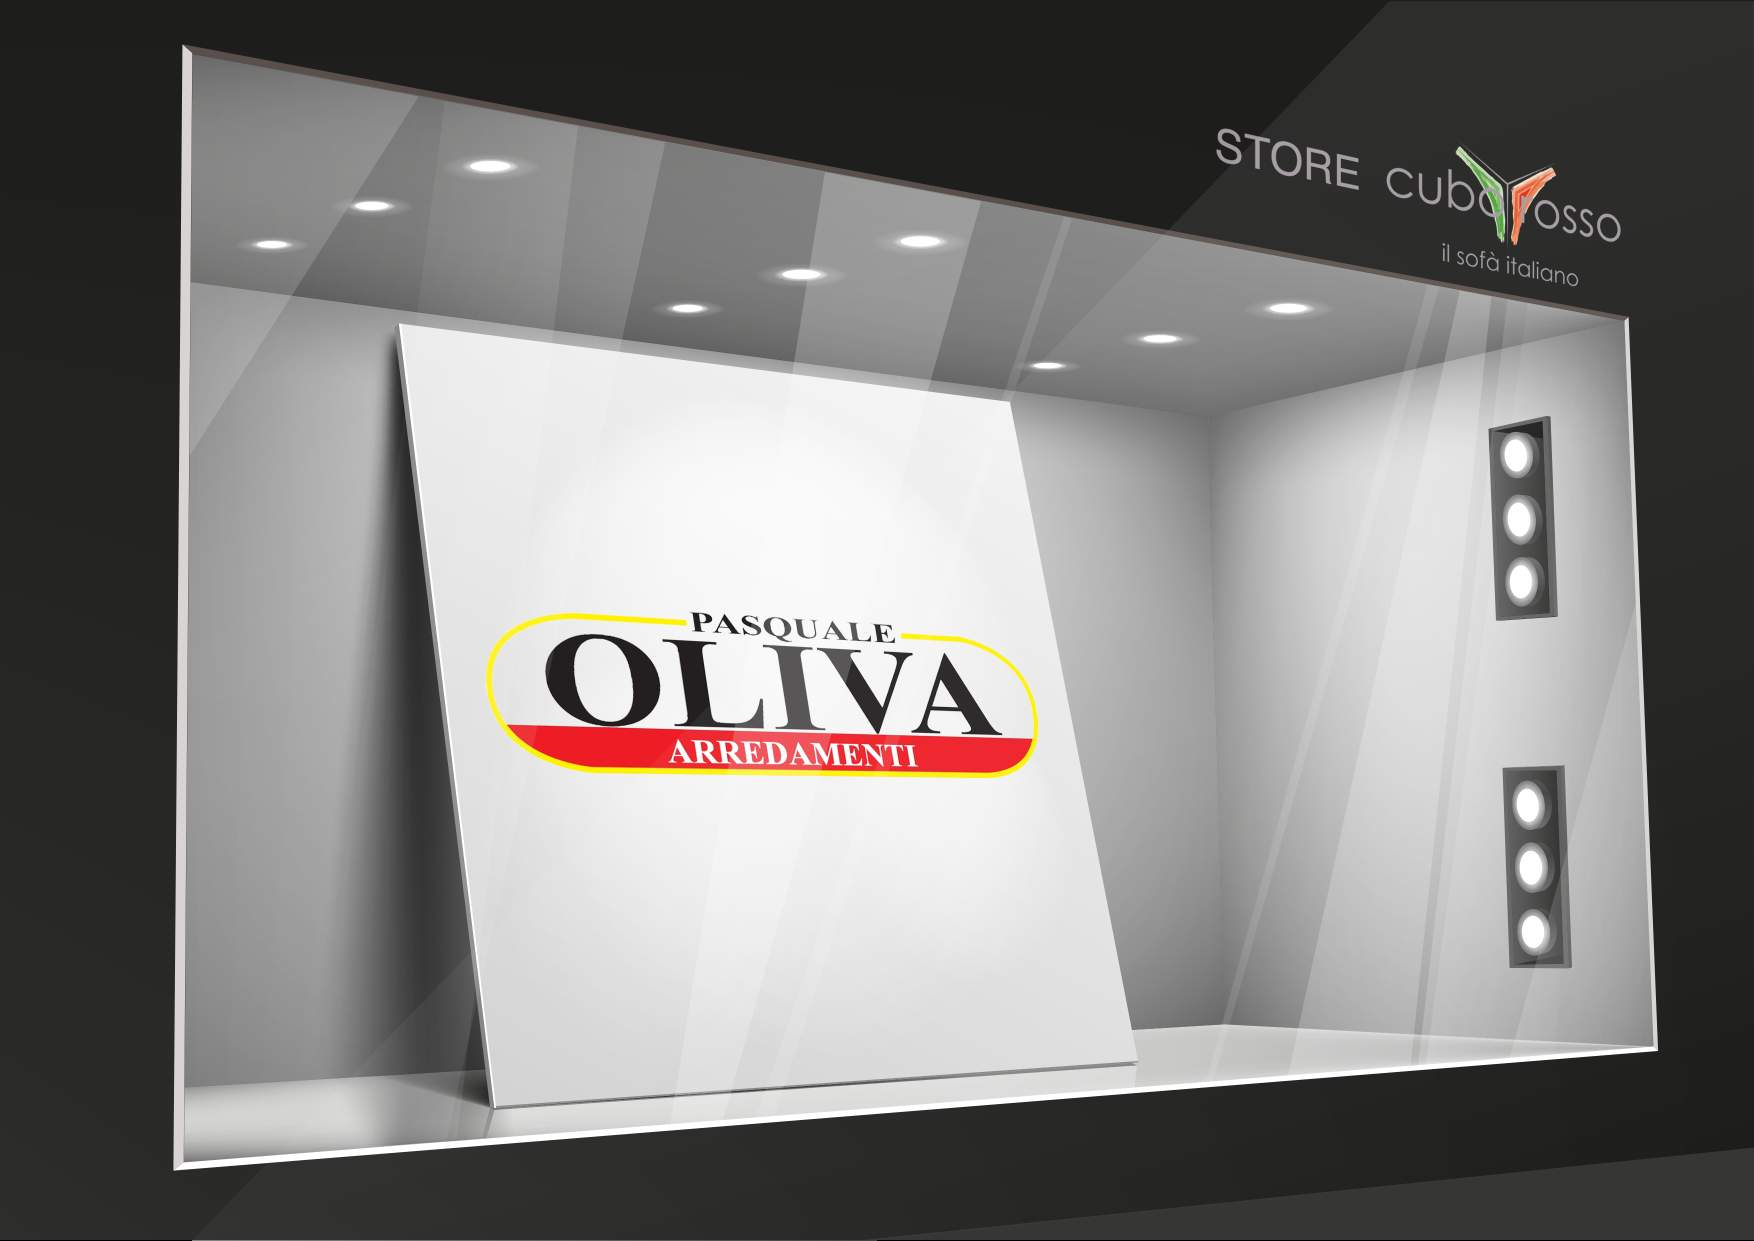 Oliva arredamenti cuborosso divani for Oliva arredamenti